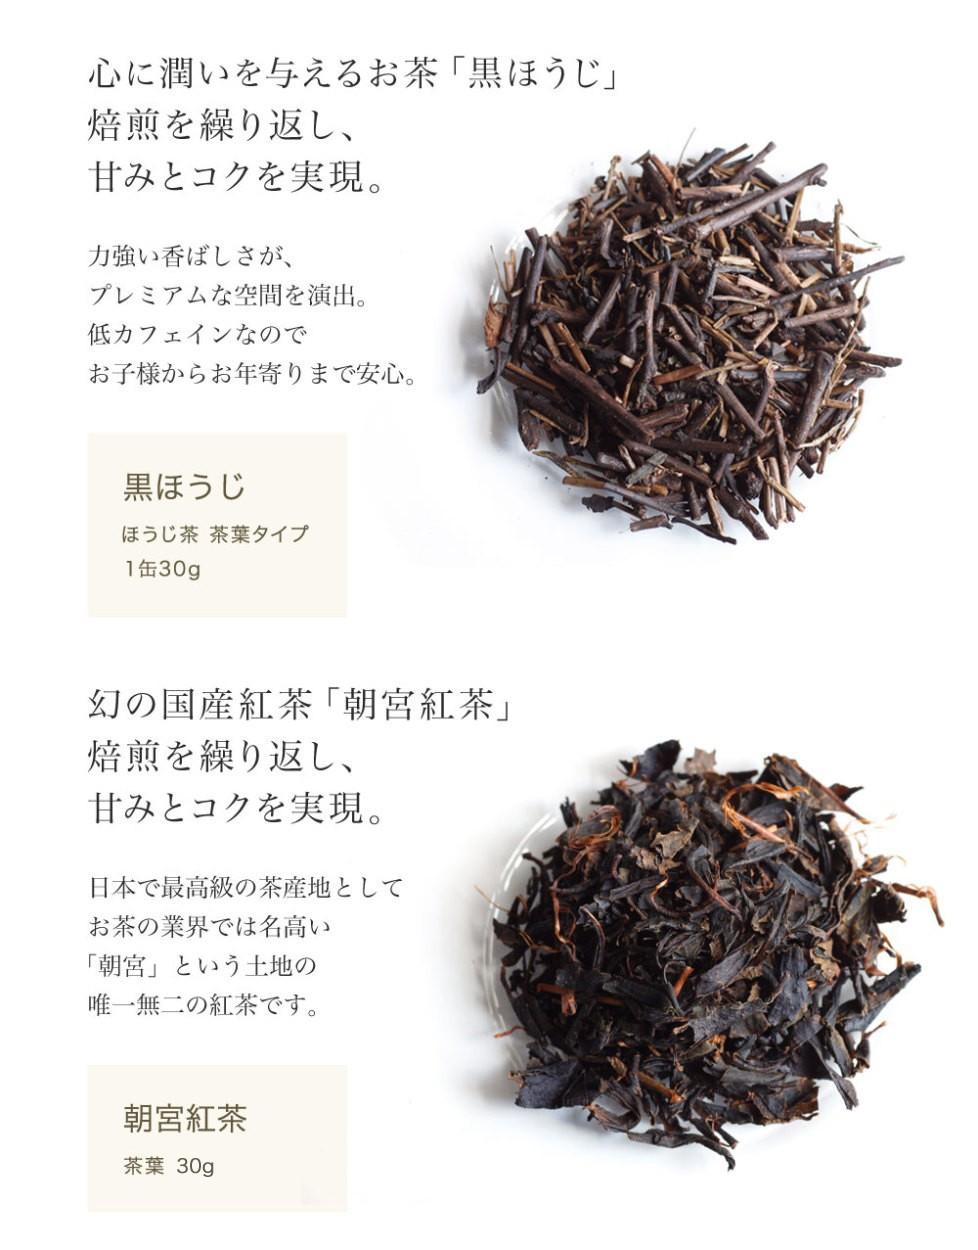 黒法じ・朝宮紅茶